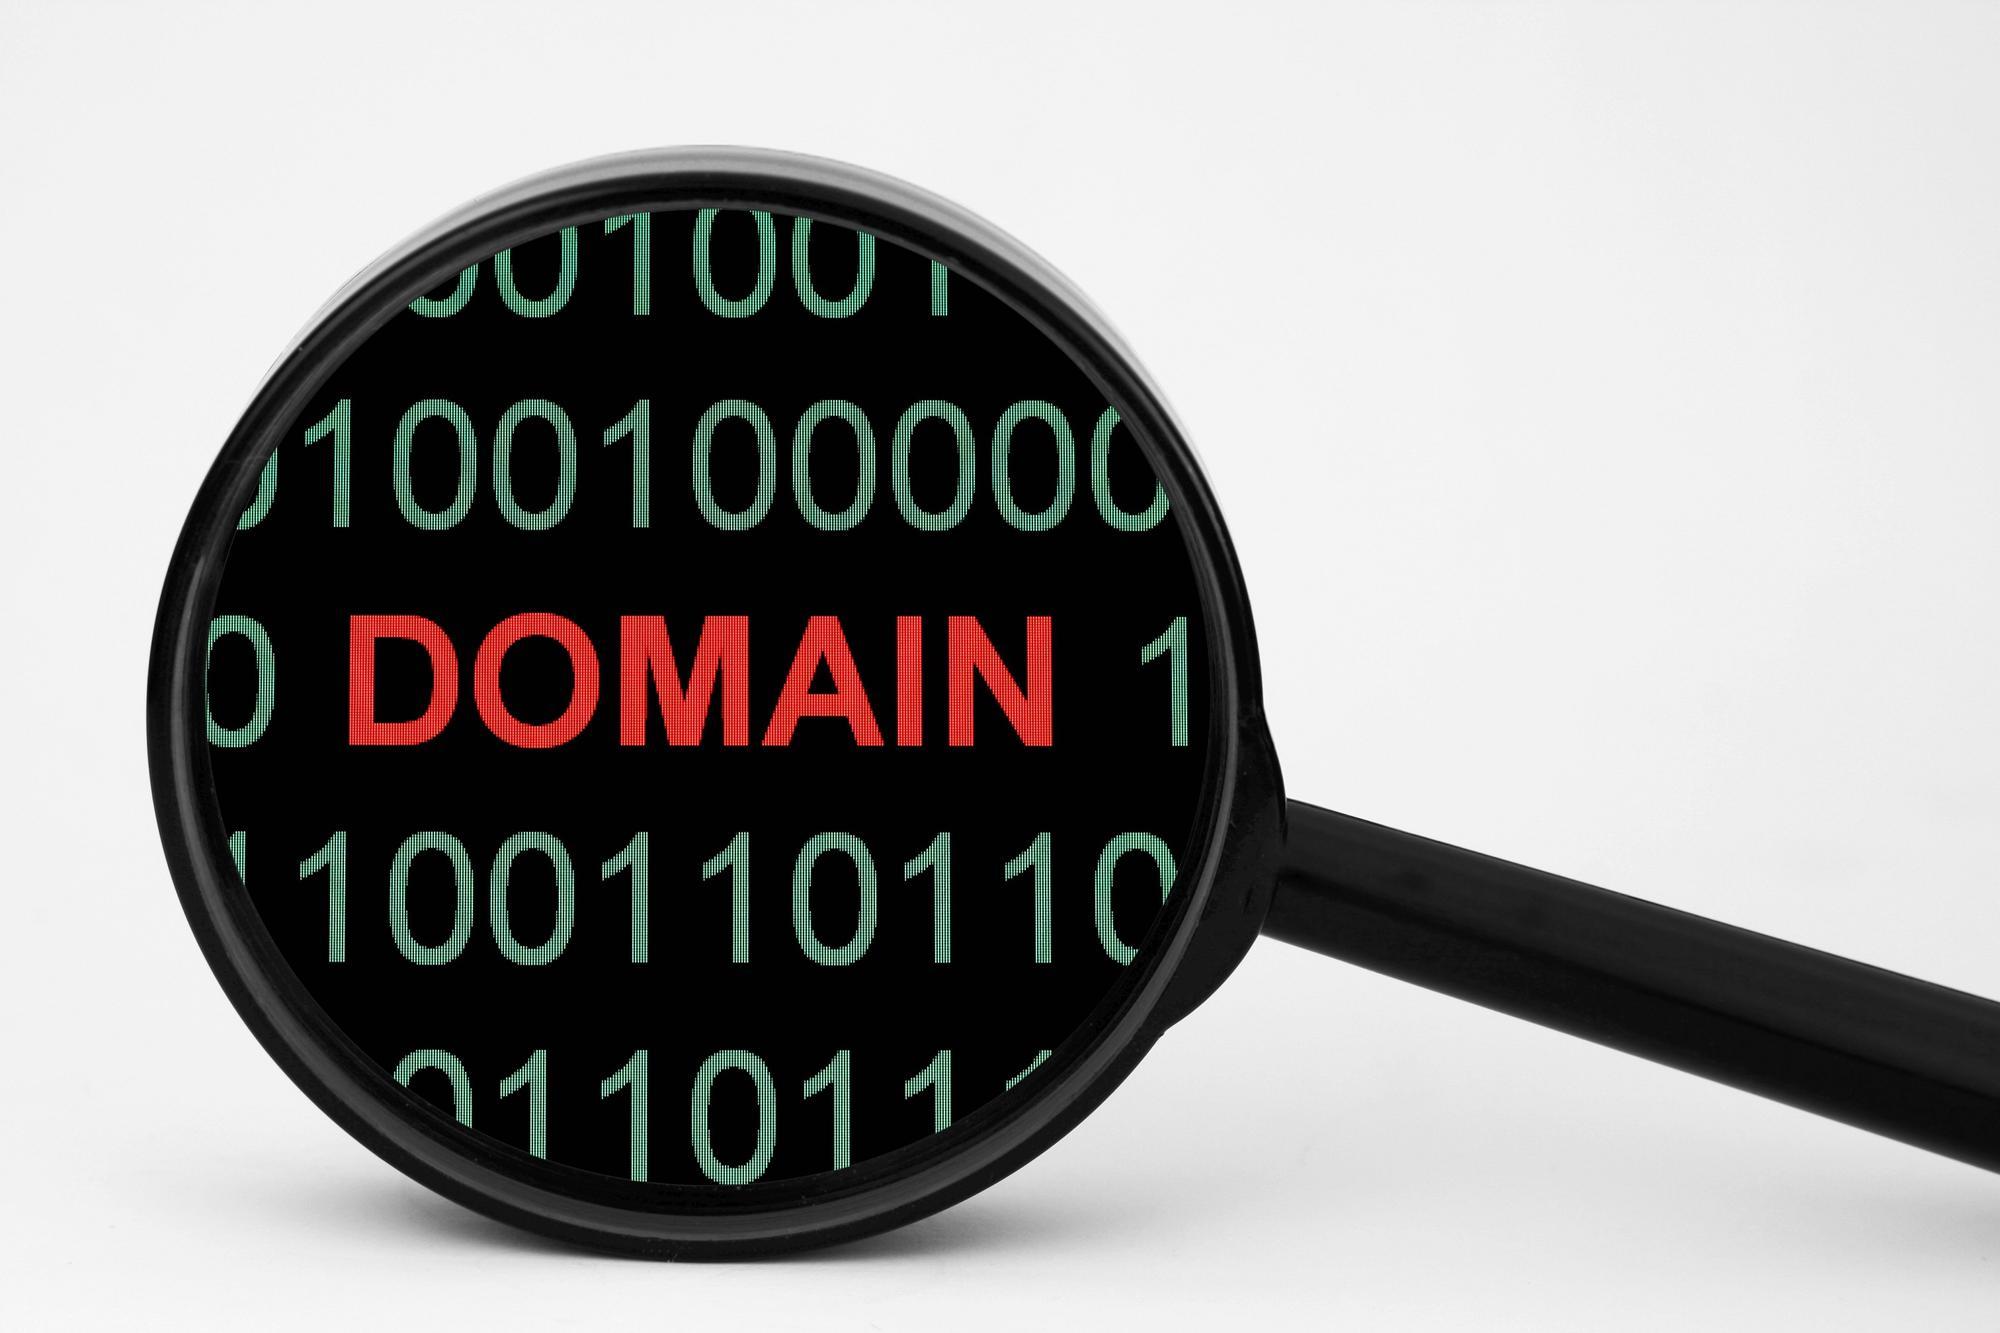 Si buscas muy bien encontrarás un buen sitio para comprar dominio web